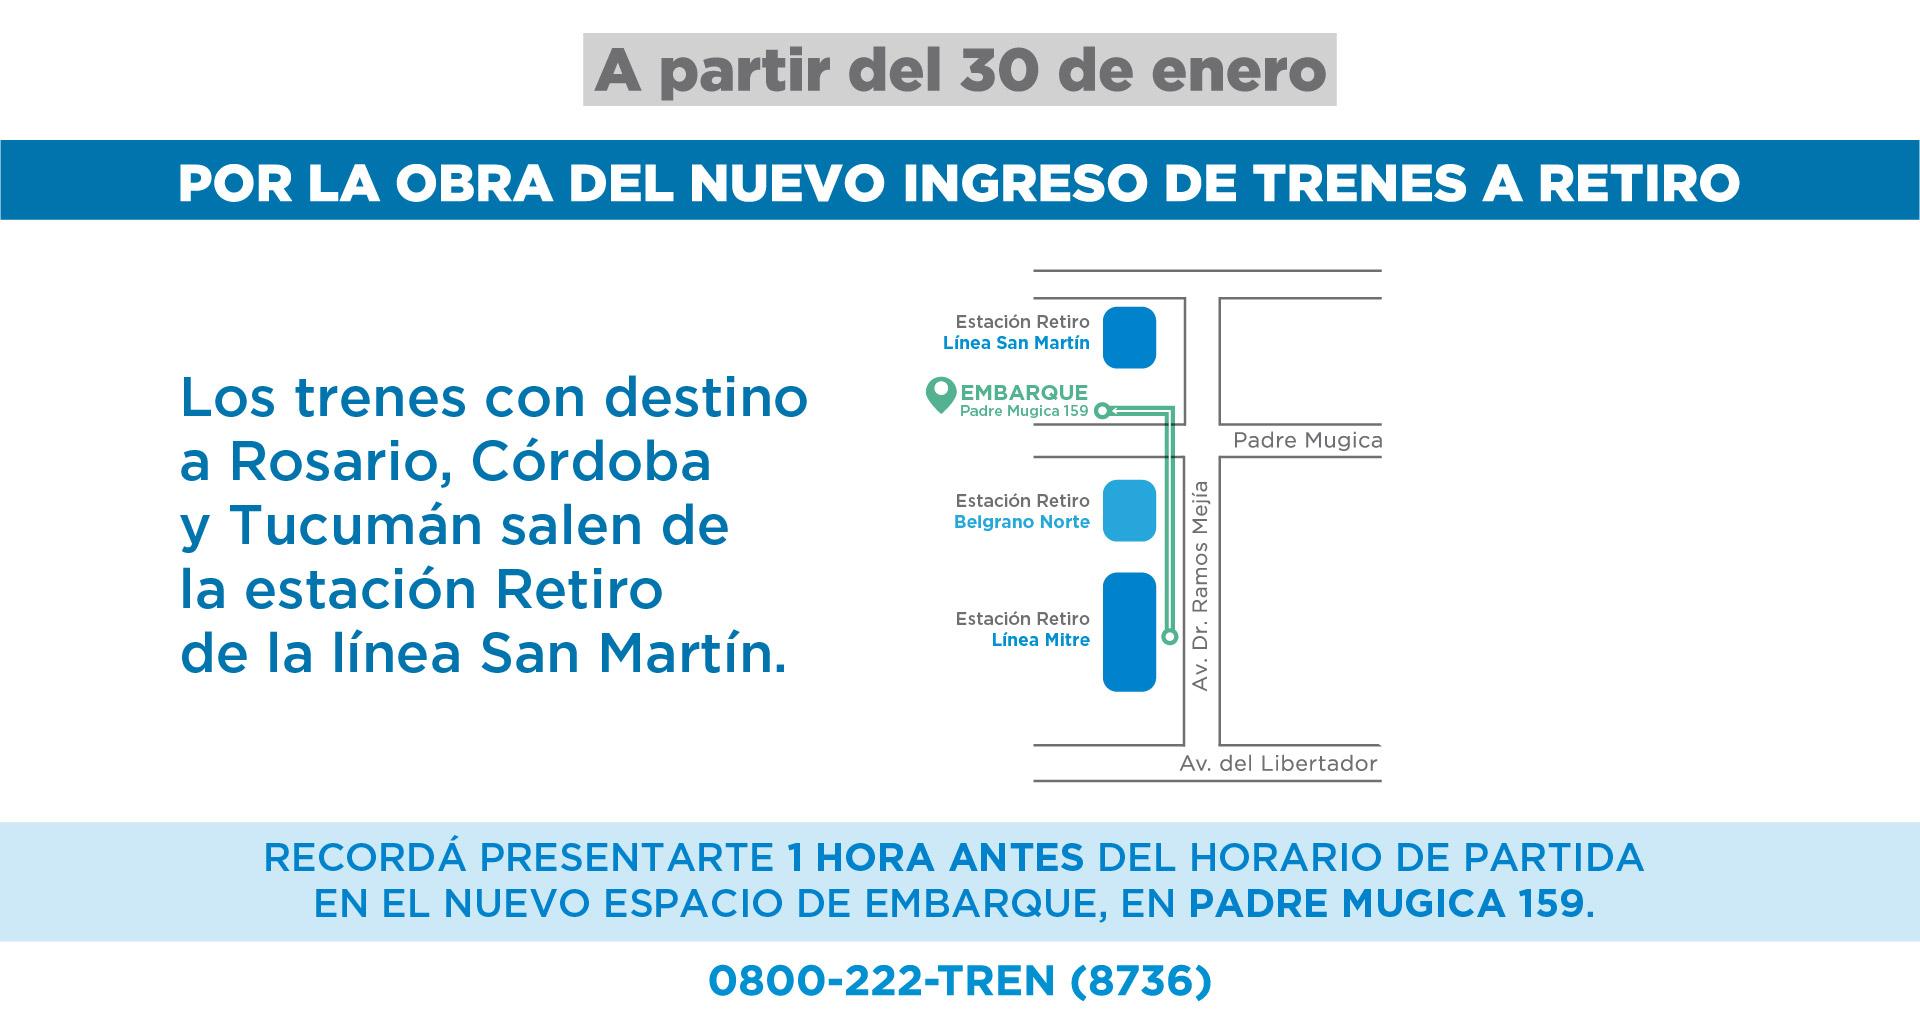 Servicios de larga distancia a Córdoba, Tucumán y Rosario